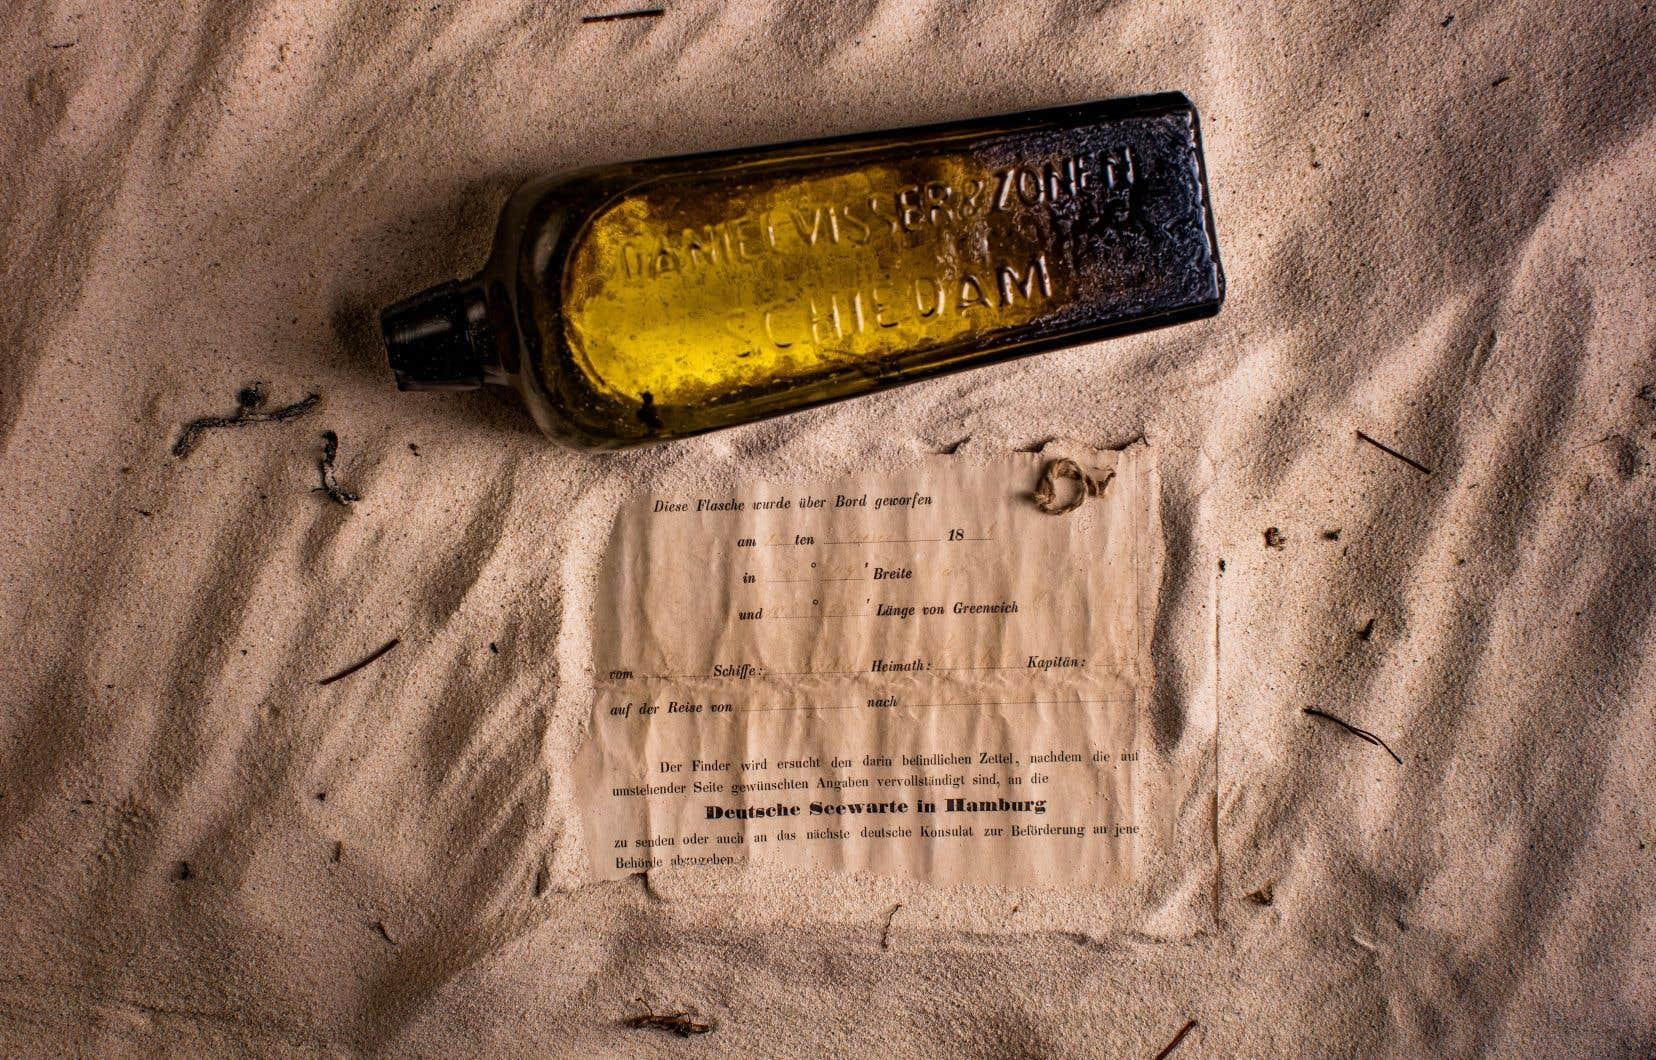 La bouteille rectangulaire était à moitié enfouie dans le sable près de Wedge Island, à 160 km au nord de Perth.